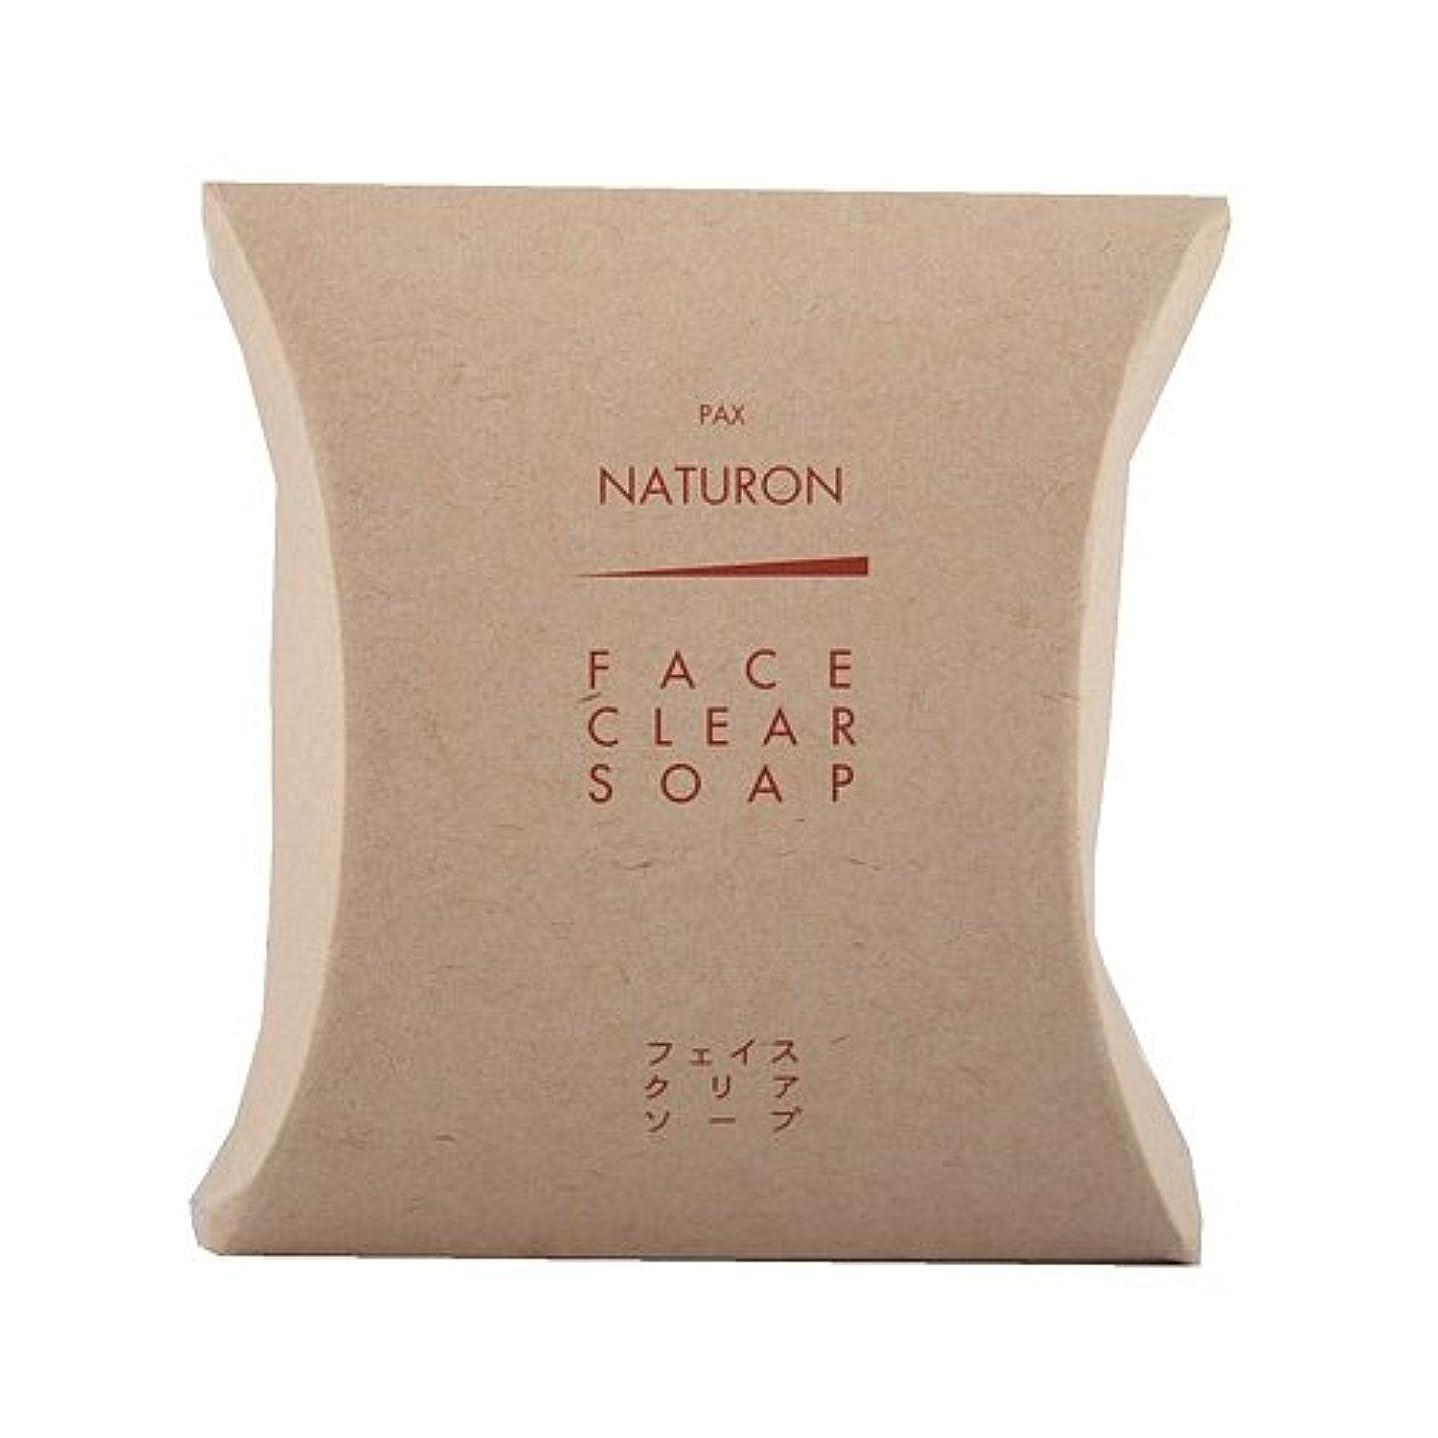 遅いハードウェア動揺させるパックスナチュロンフェイスクリアソープ (洗顔用固形石鹸) 95g